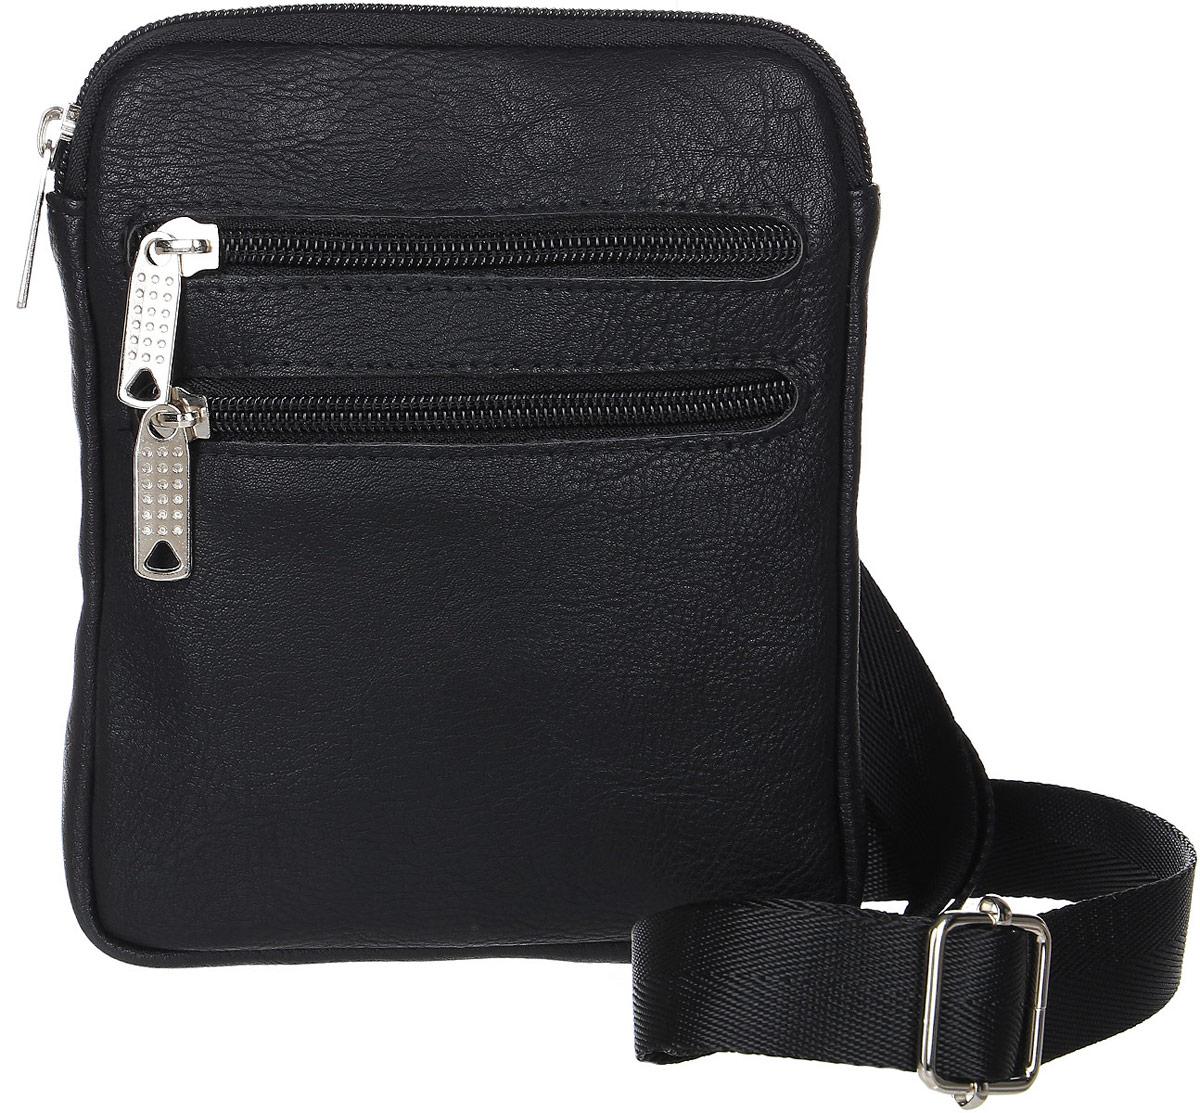 Сумка мужская Аntan, цвет: черный. 46700188612813-47660-00504Стильная мужская сумка Аntan выполнена из искусственной кожи. Сумка имеет одно основное отделение, закрывающееся на застежку-молнию. Внутри модель имеет прорезной карман на застежке-молнии и накладной открытый карман. Задняя и передняя сторона сумки дополнены врезными карманами на молнии. Изделие оснащено плечевым ремнем.